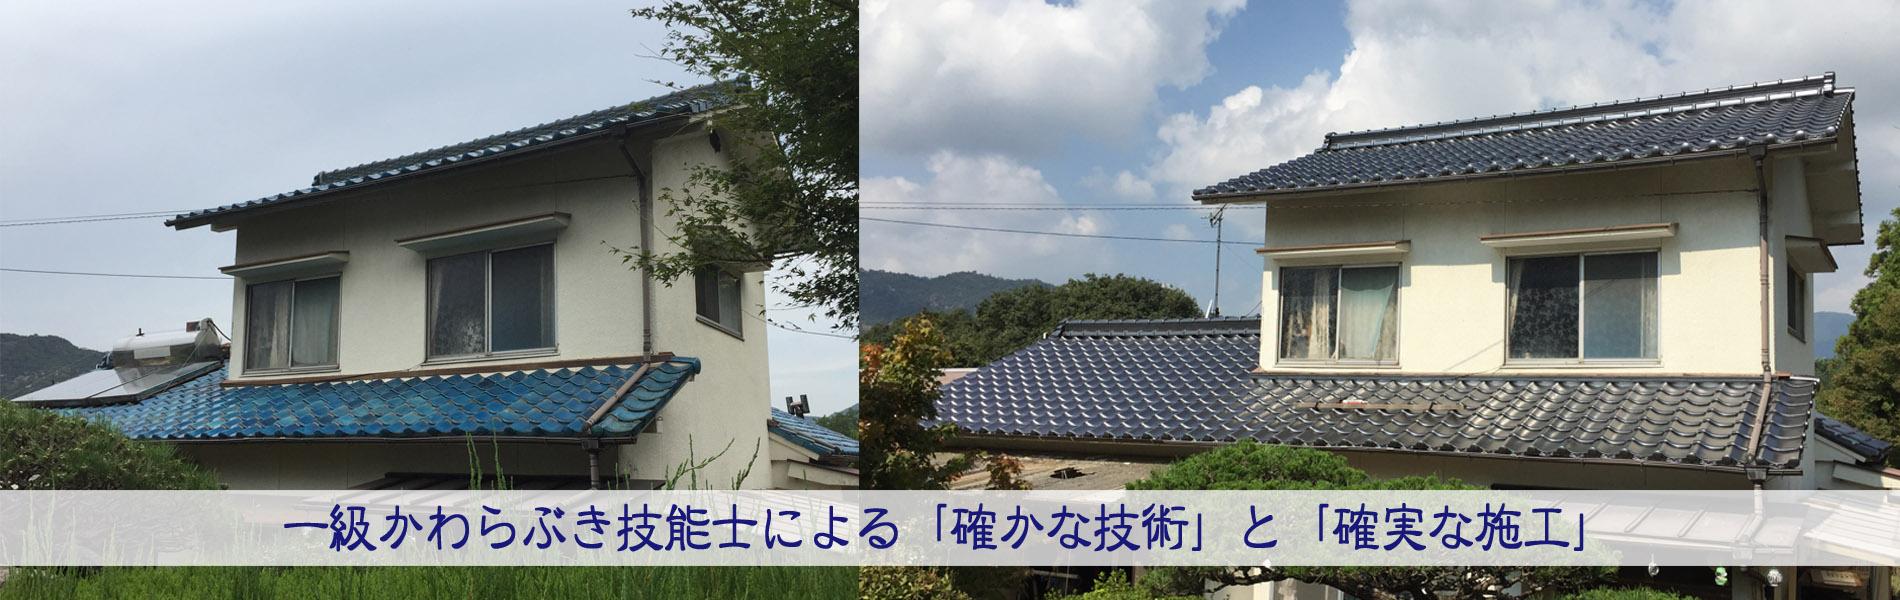 広島の屋根や瓦の修理・雨漏り・葺き替え等は一級かわらぶき技能士(厚生労働大臣認定)による確かな技術と確実な施工の屋根・瓦のお店 ウィズホームへおまかせ下さい